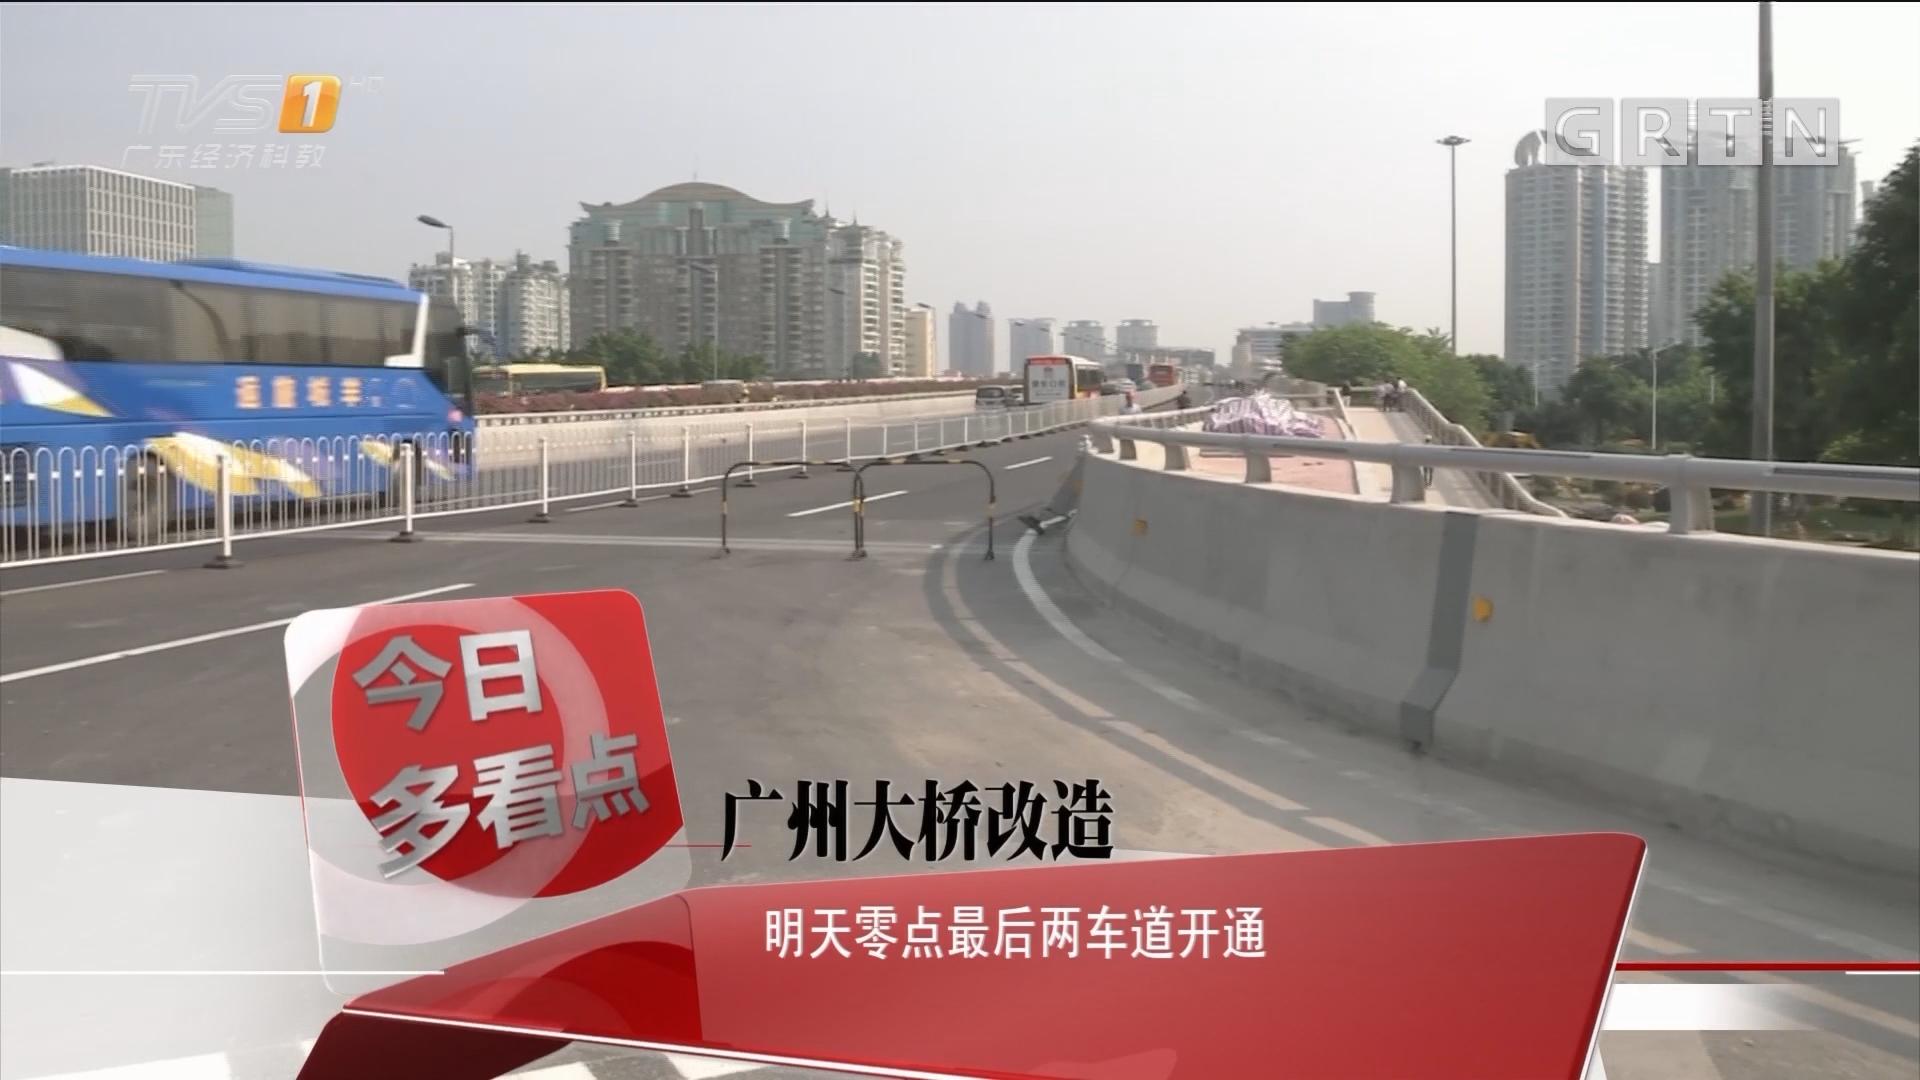 广州大桥改造:明天零点最后两车道开通